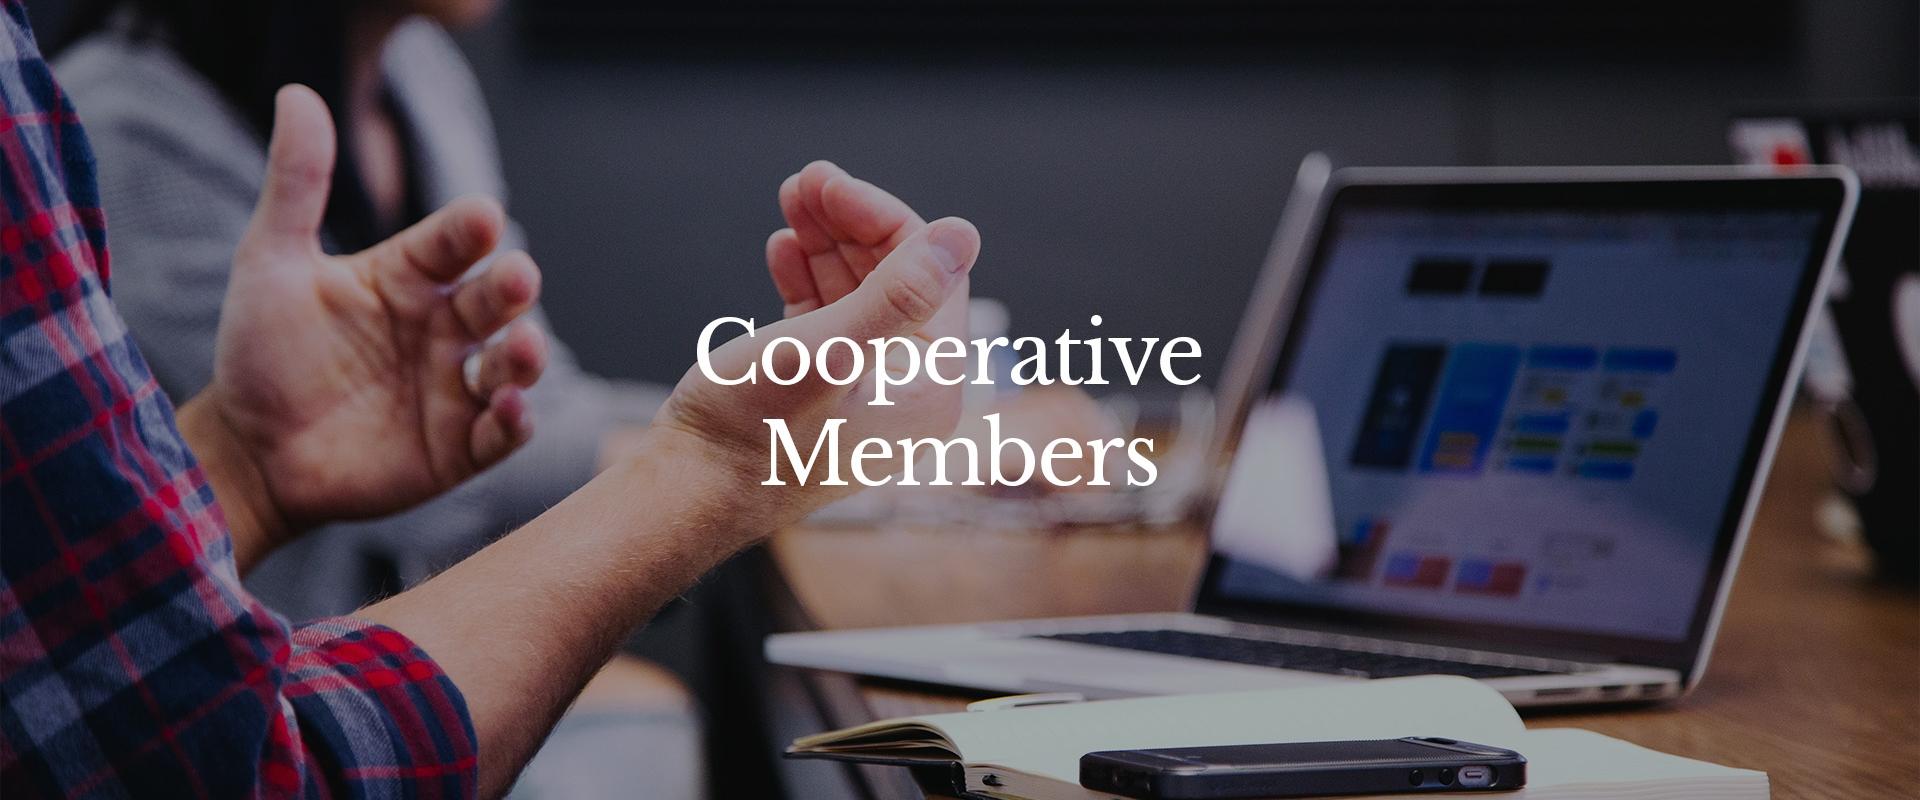 Cooperative Members - Hero Image